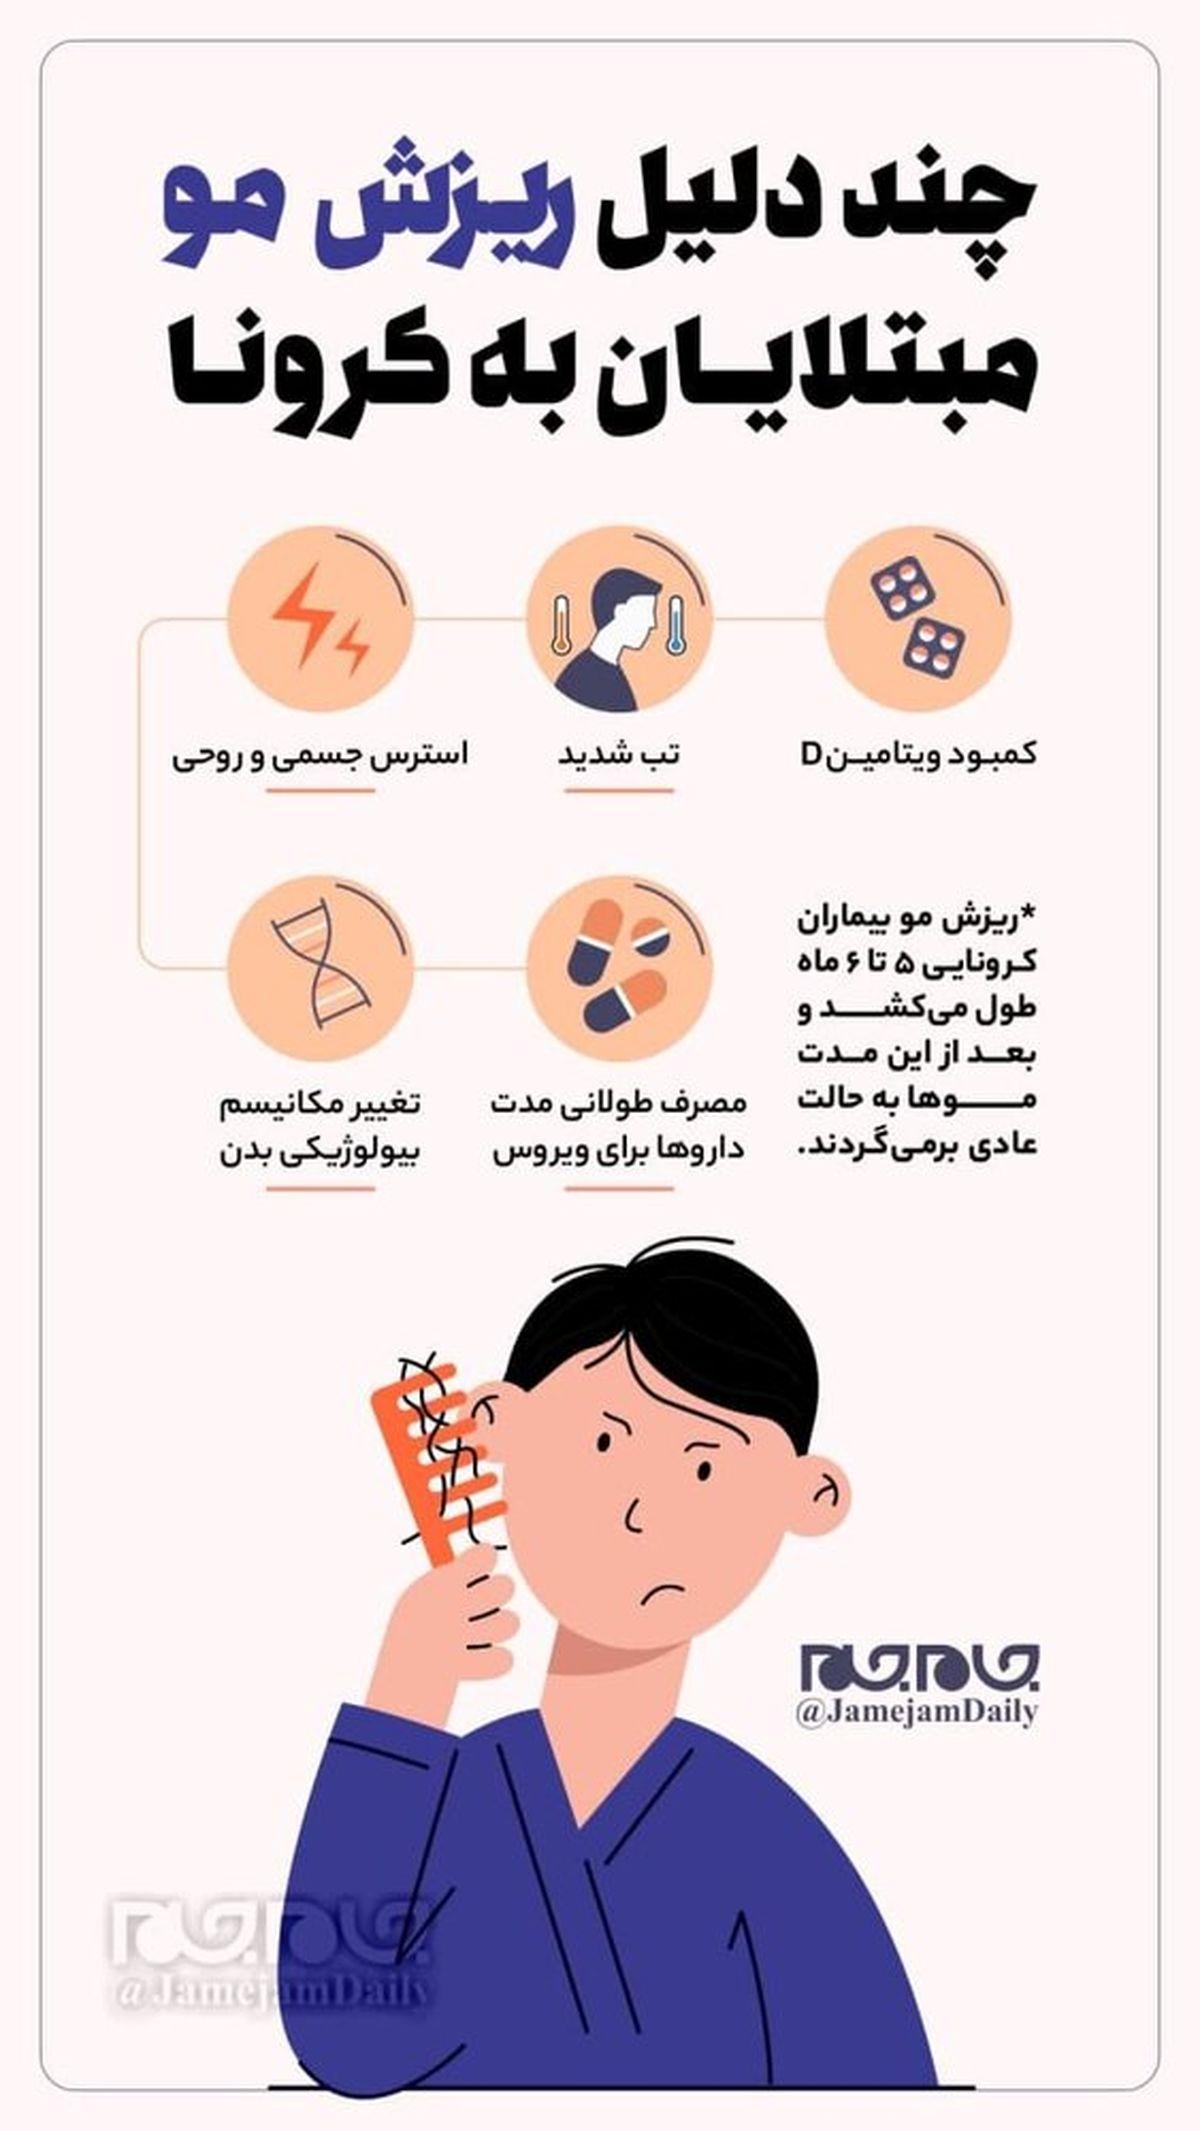 دلایل ریزش موی مبتلایان به کرونا؛عکس